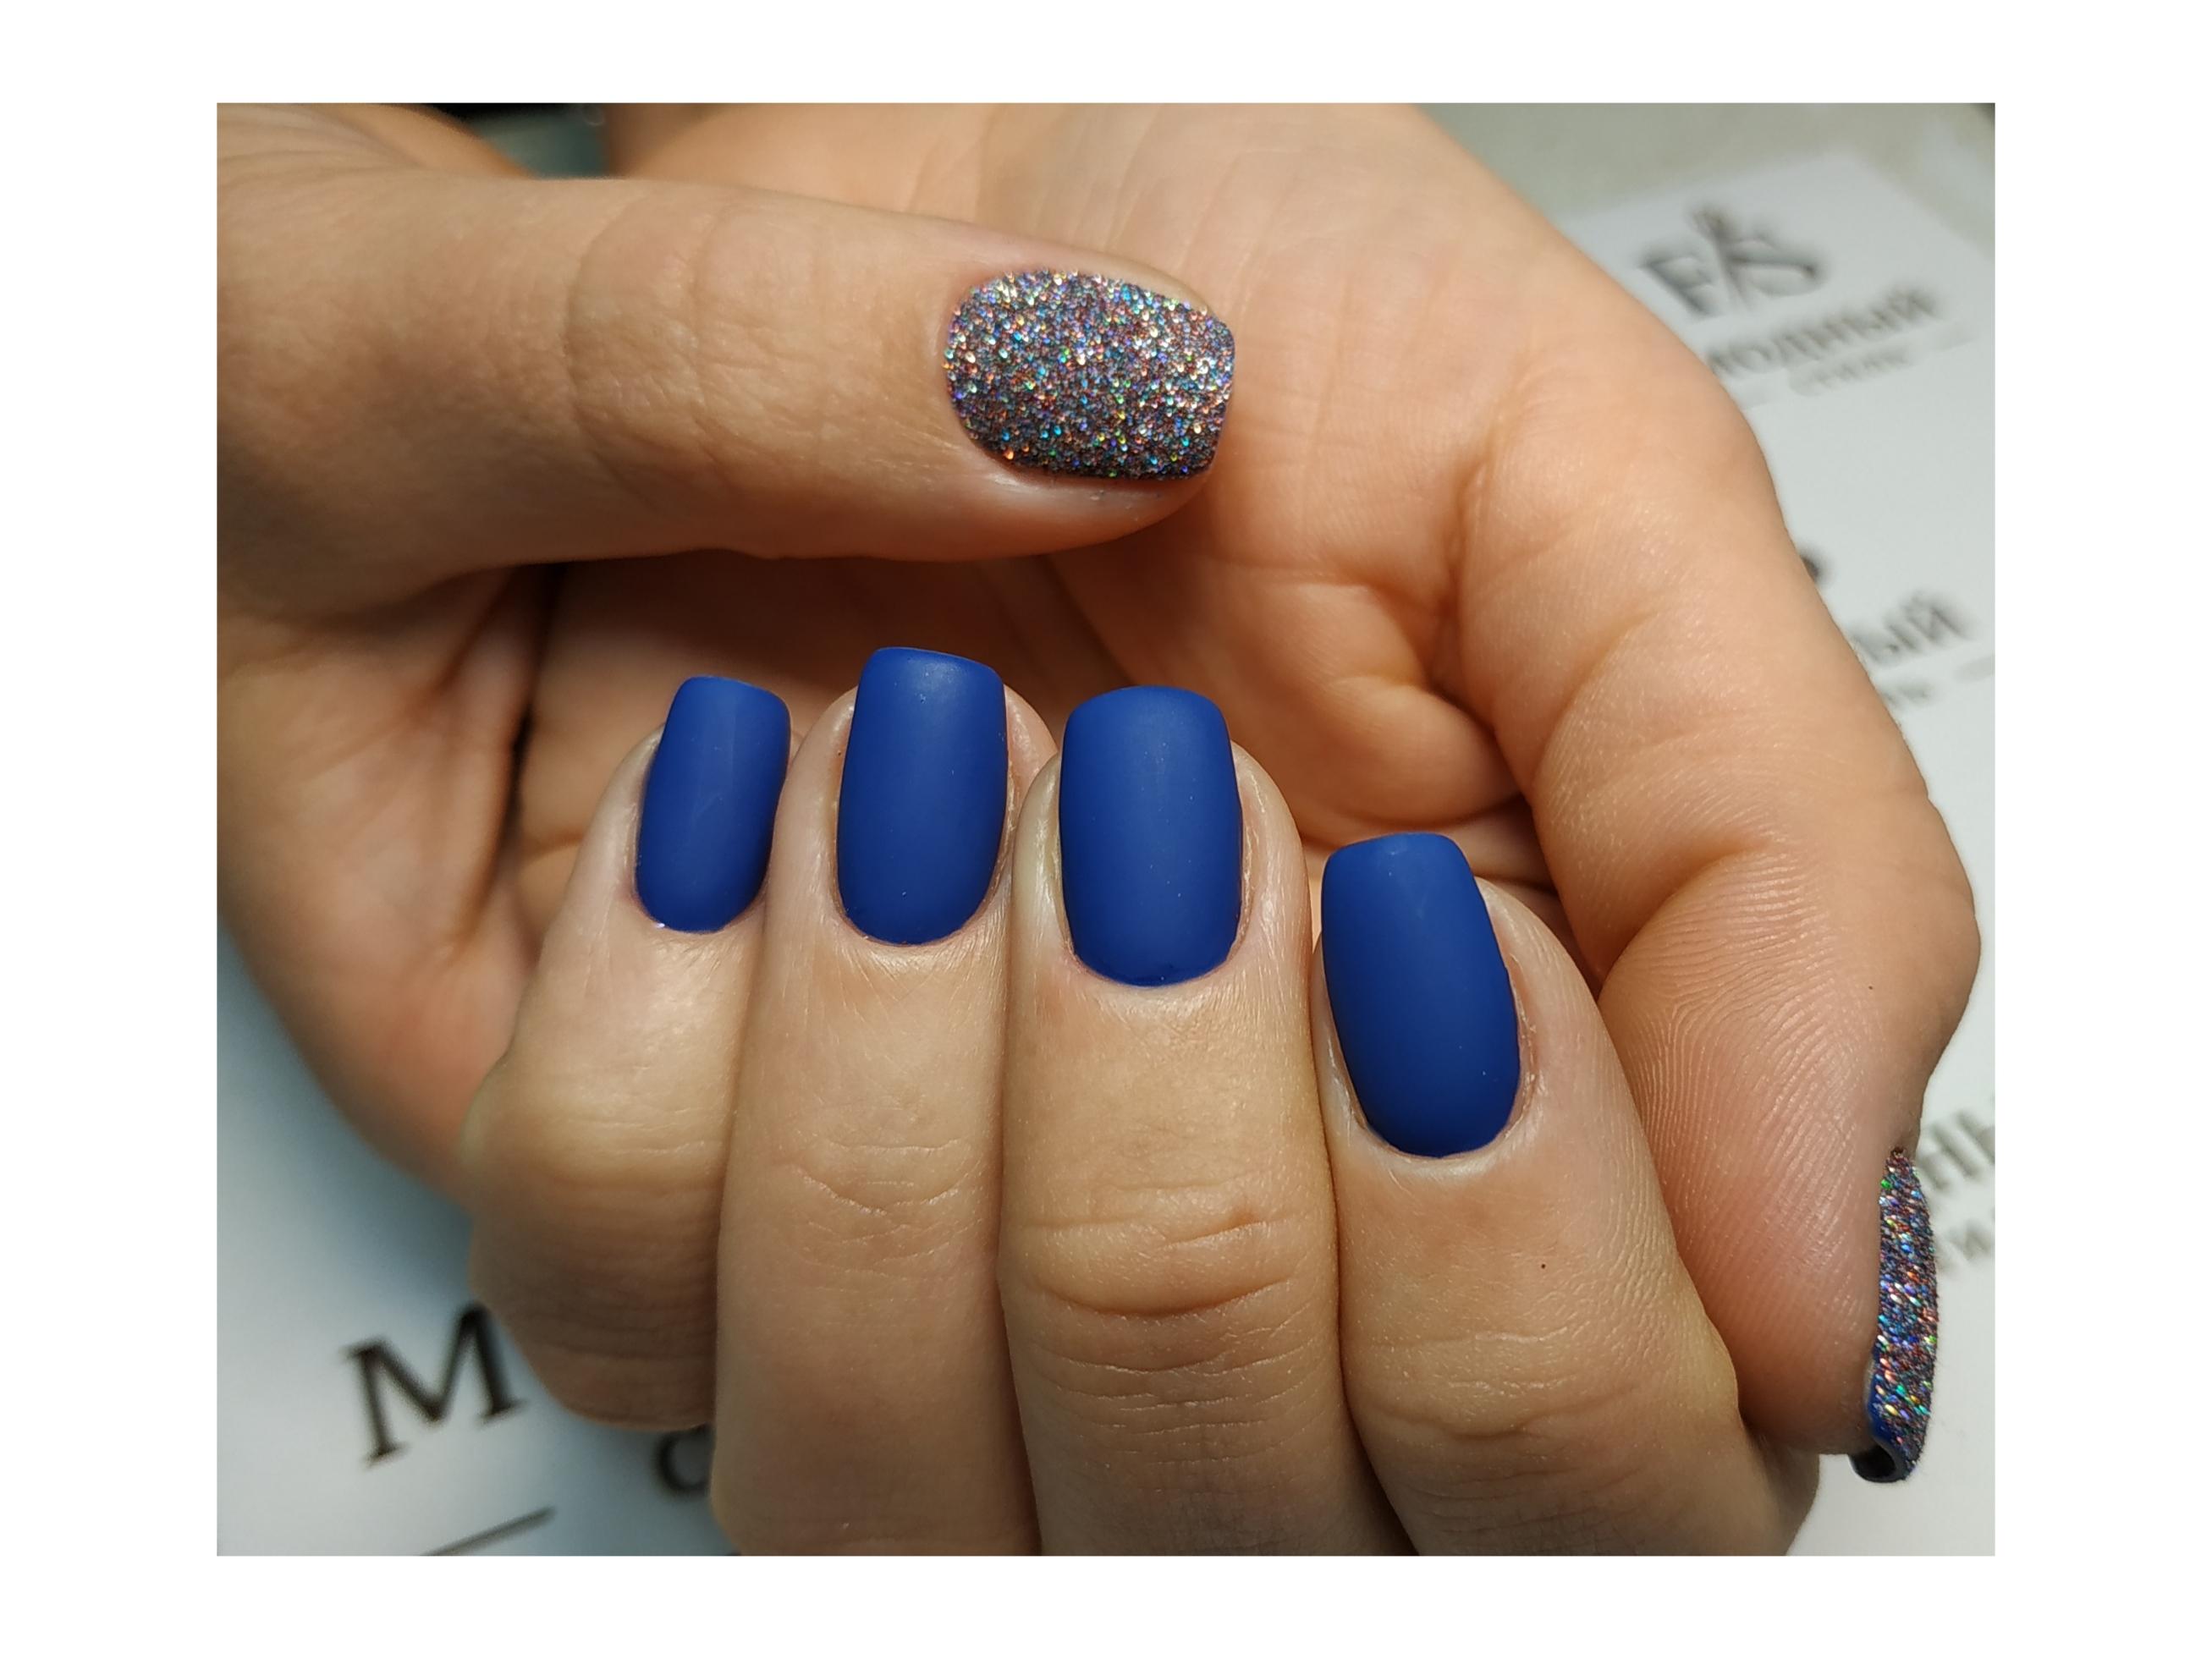 Матовый маникюр с блестками в синем цвете.